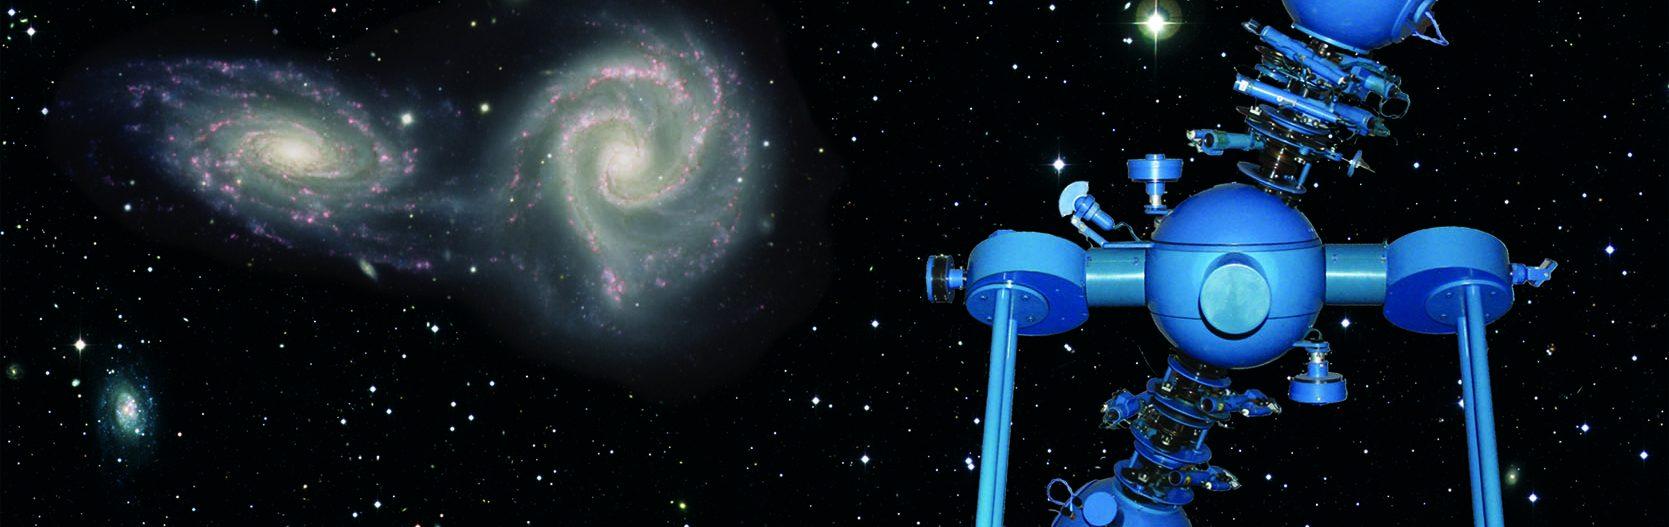 Auf diesem Bild sieht man ein blau-gefärbtes Planetarium vor einem Galaxie-Hintergrund.